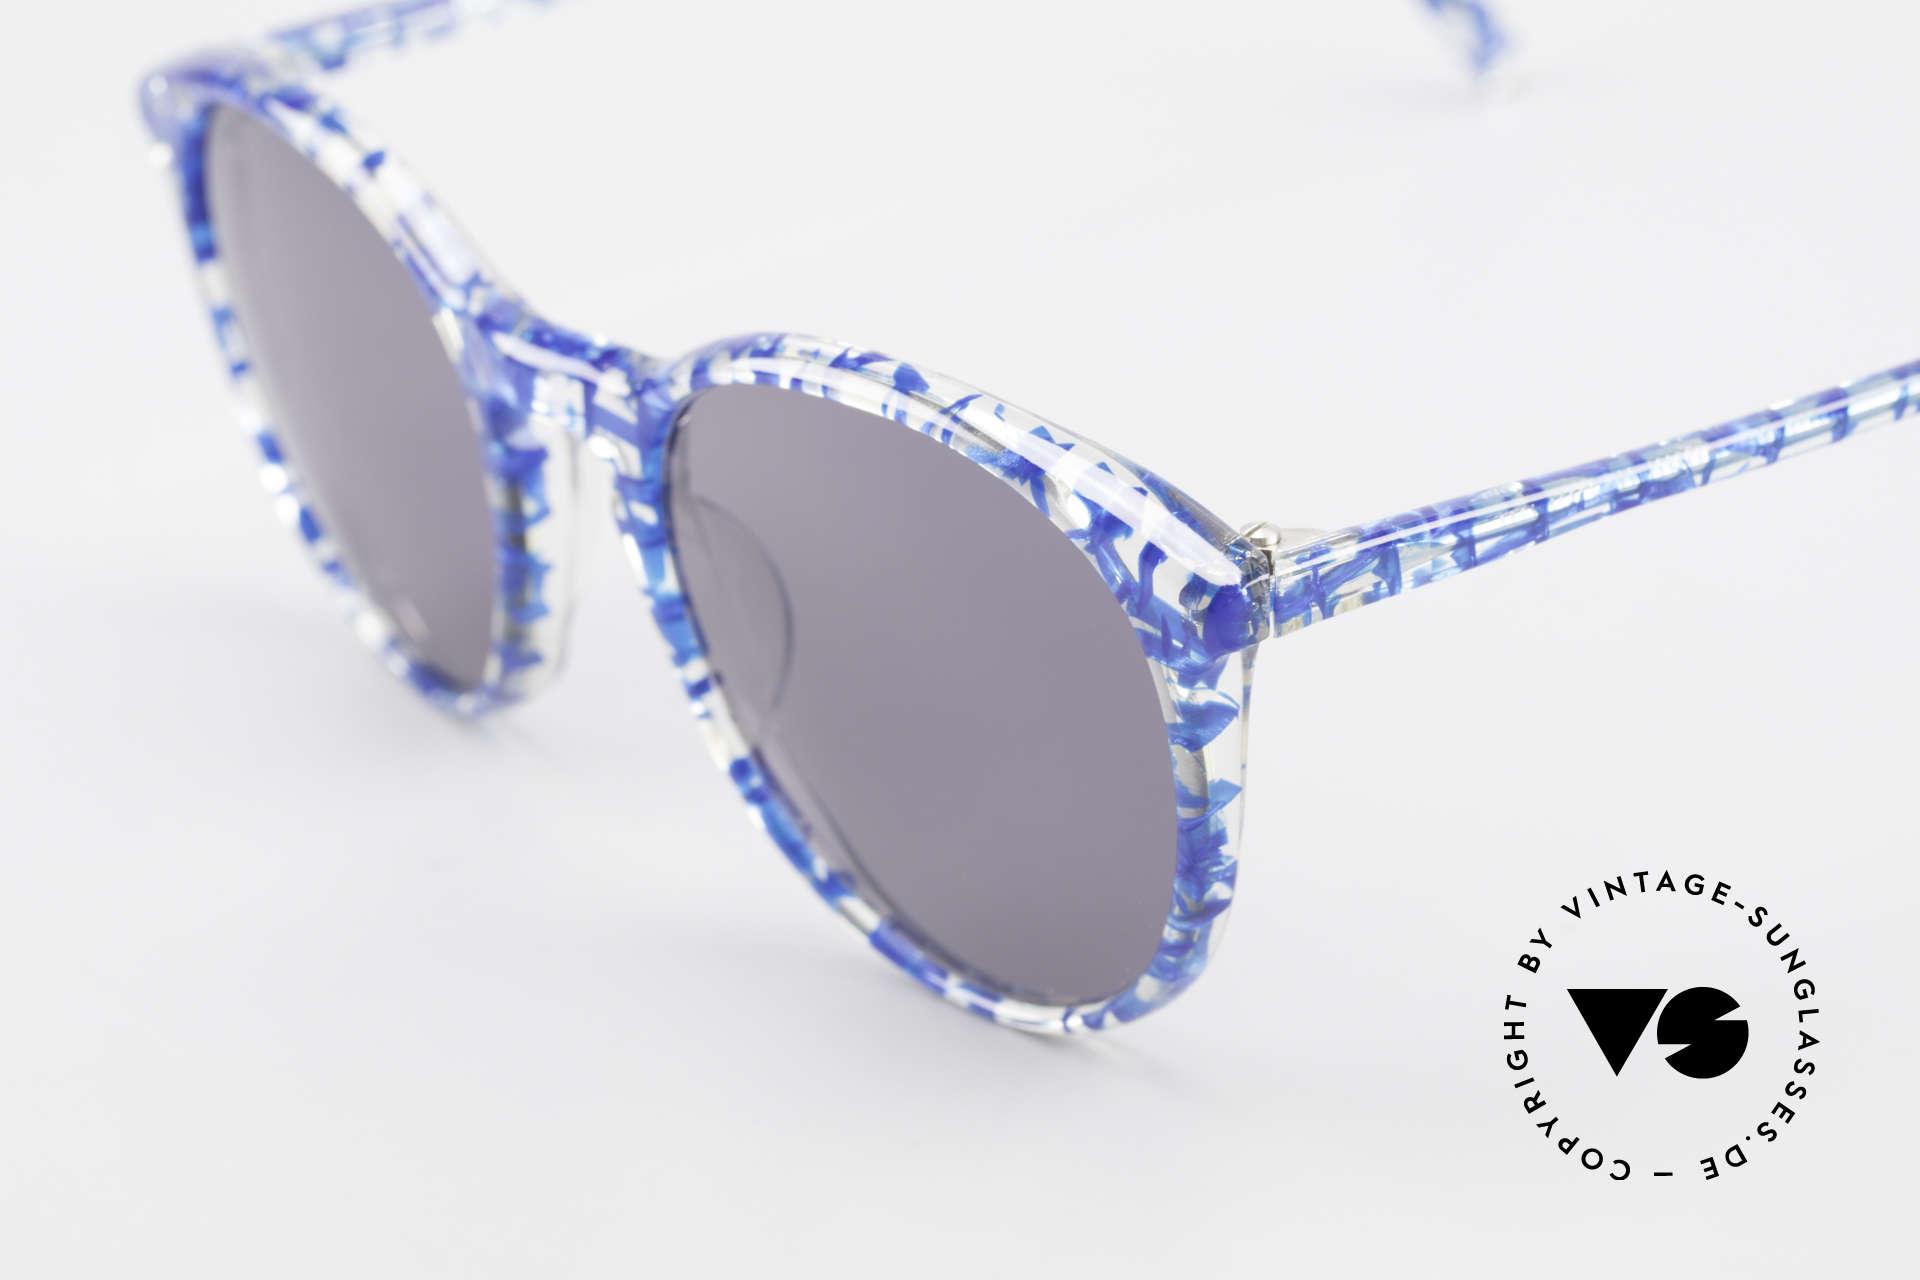 Alain Mikli 901 / 323 80er Panto Brille Kristall Blau, hellgraue Gläser (100% UV); SMALL Größe (123mm), Passend für Herren und Damen